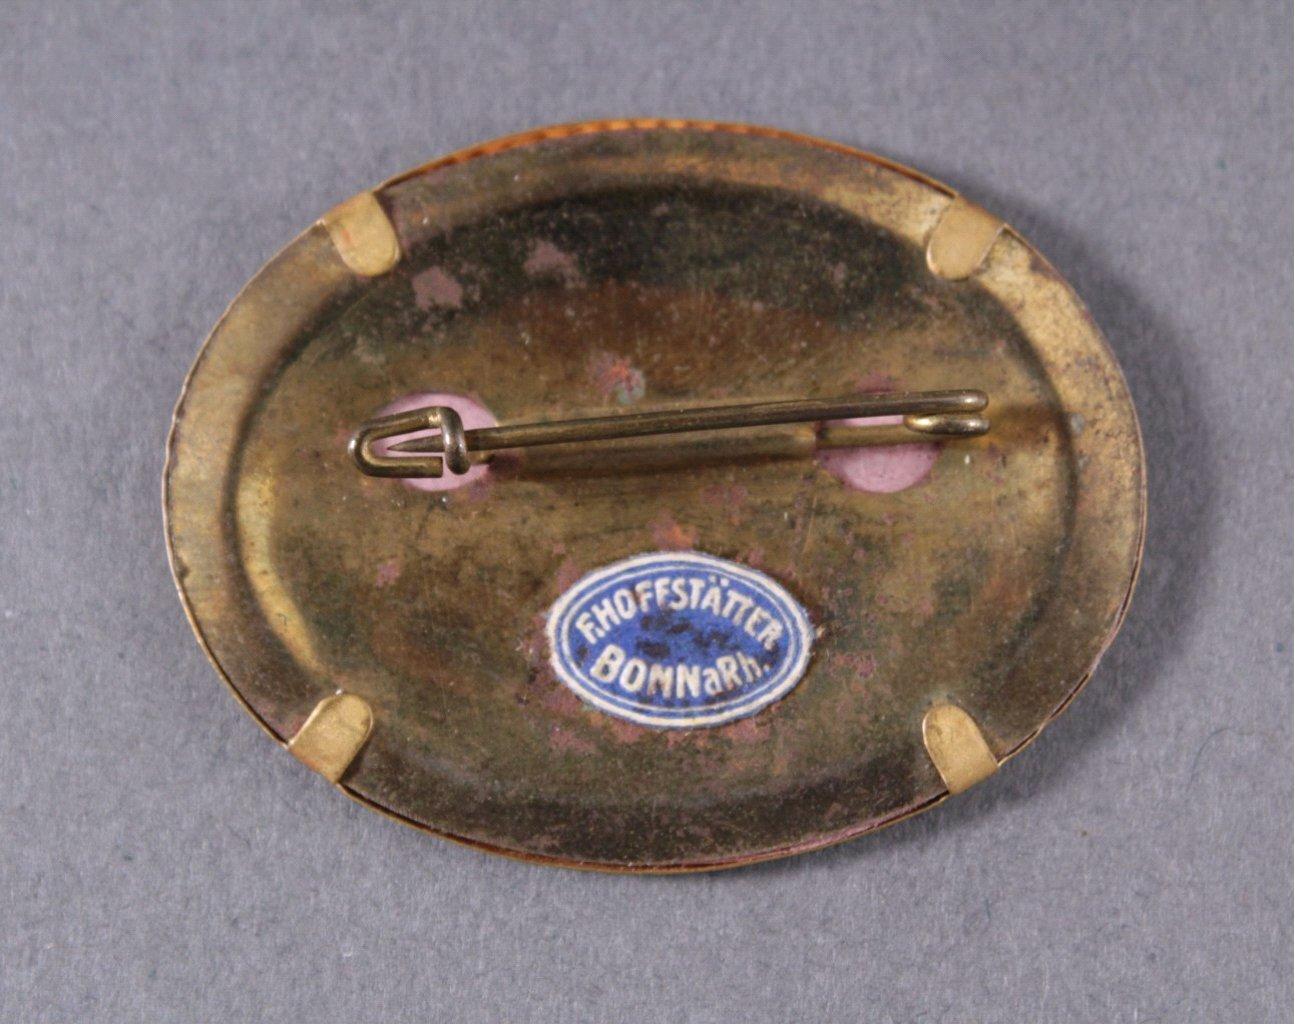 Abzeichen Bundes- und Kameradschaftstag Biebrich 1930-1